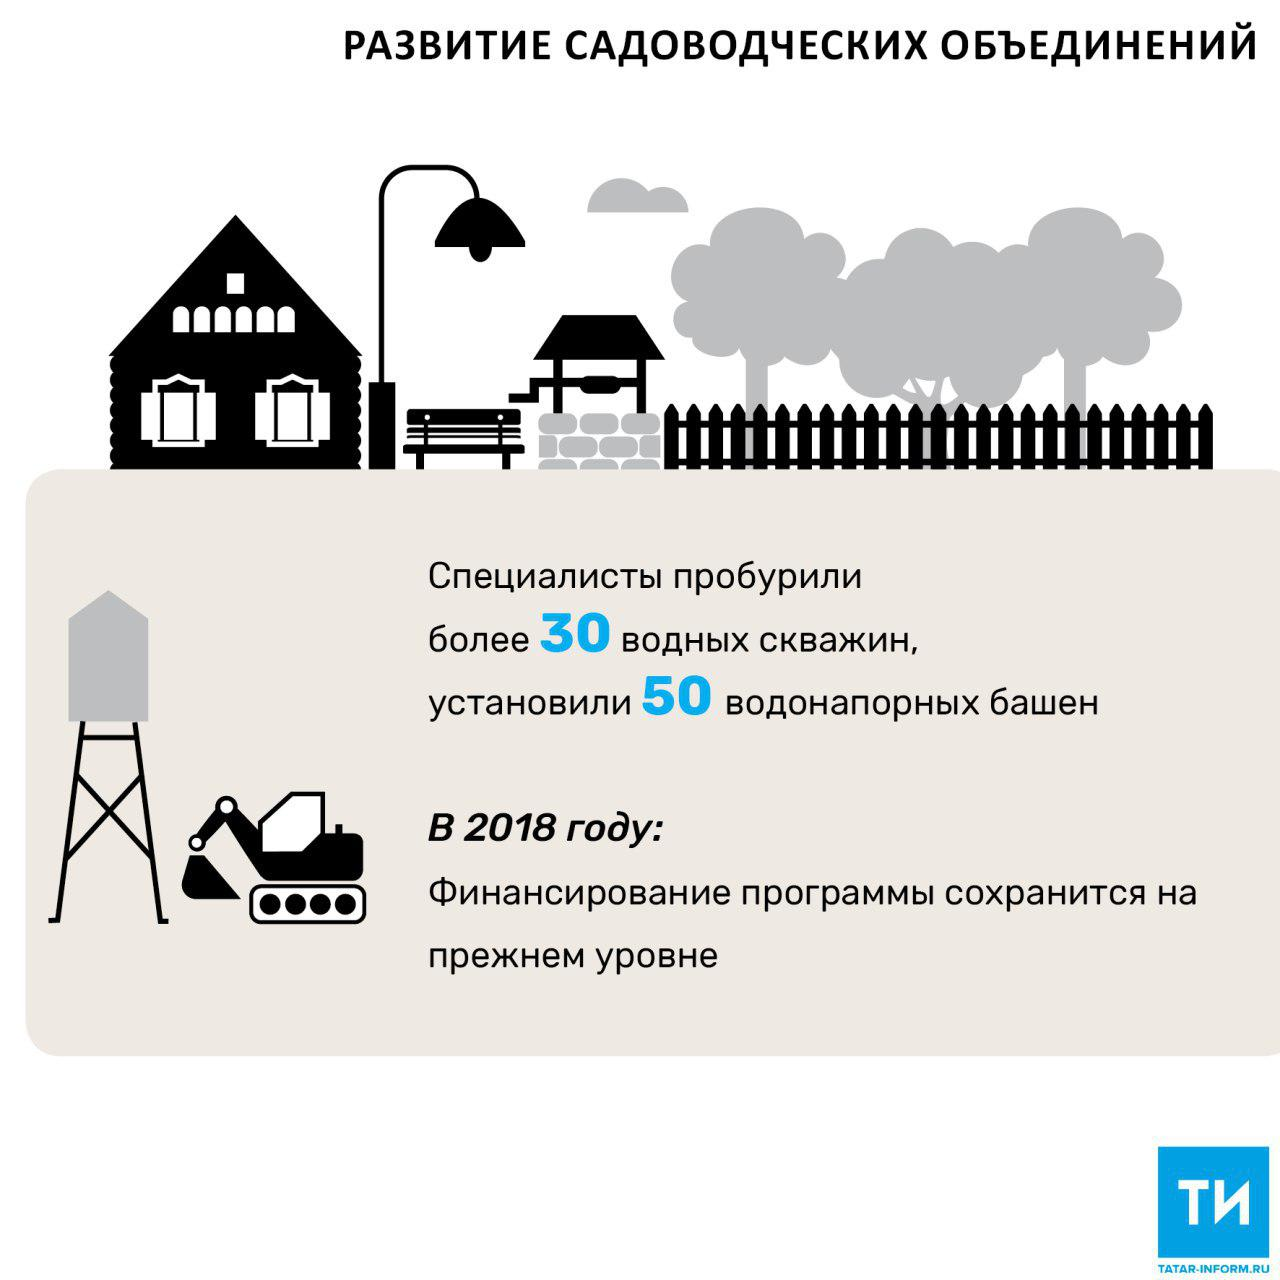 Садоводческие объединения РТ профинансировали на 150 млн рублей